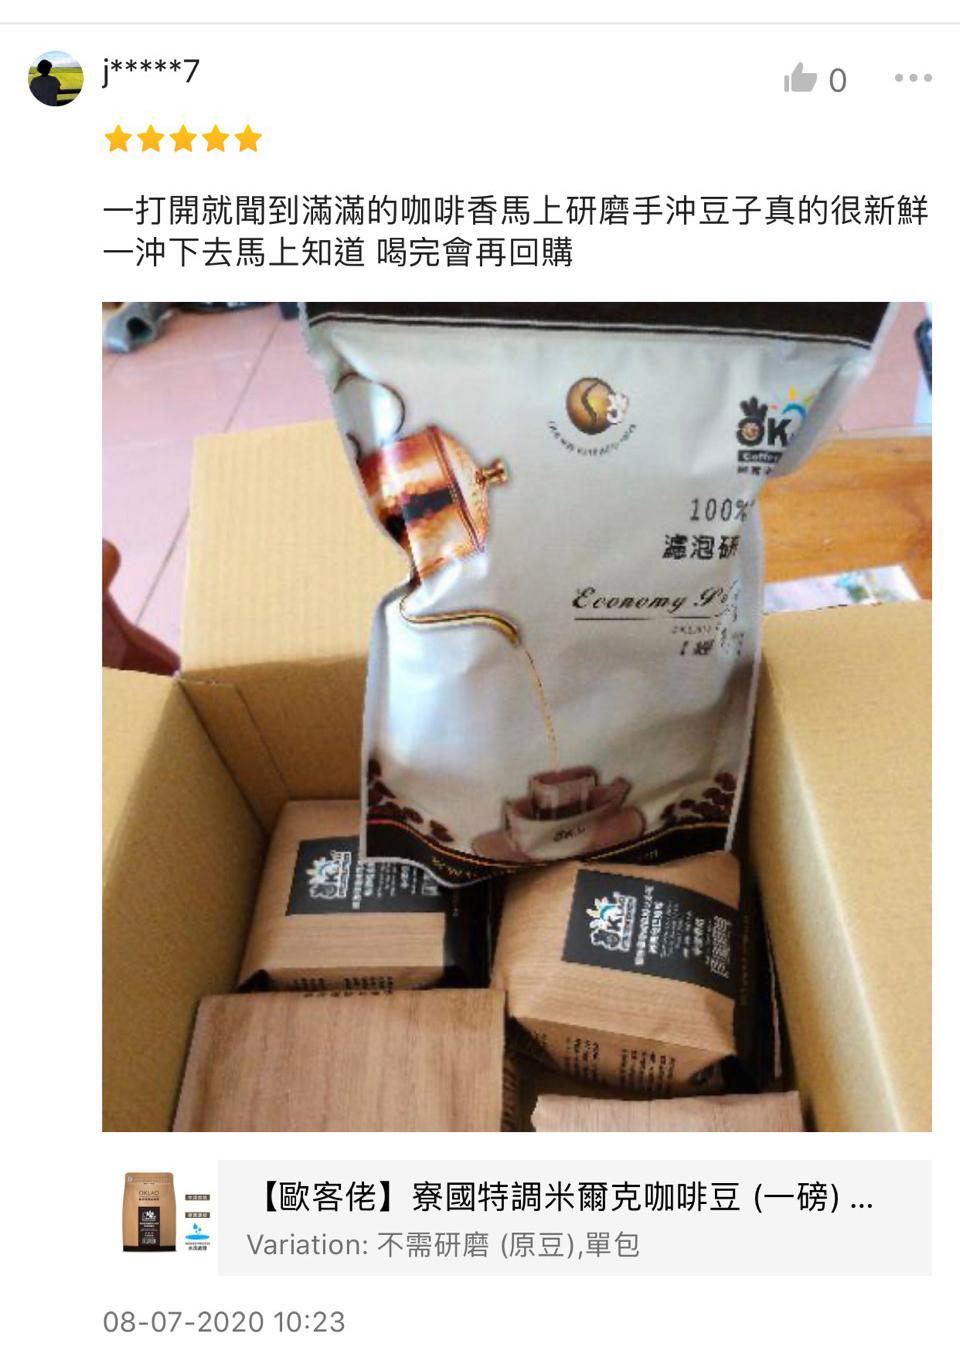 【歐客佬】寮國特調米爾克咖啡豆 (一磅) 中深烘焙 (11010003) OKLAO 咖啡 精品咖啡 拿鐵 美式 義式 一打開就聞到滿滿的咖啡香馬上研磨手沖豆子真的很新鮮一沖下去馬上知道 喝完會再回購